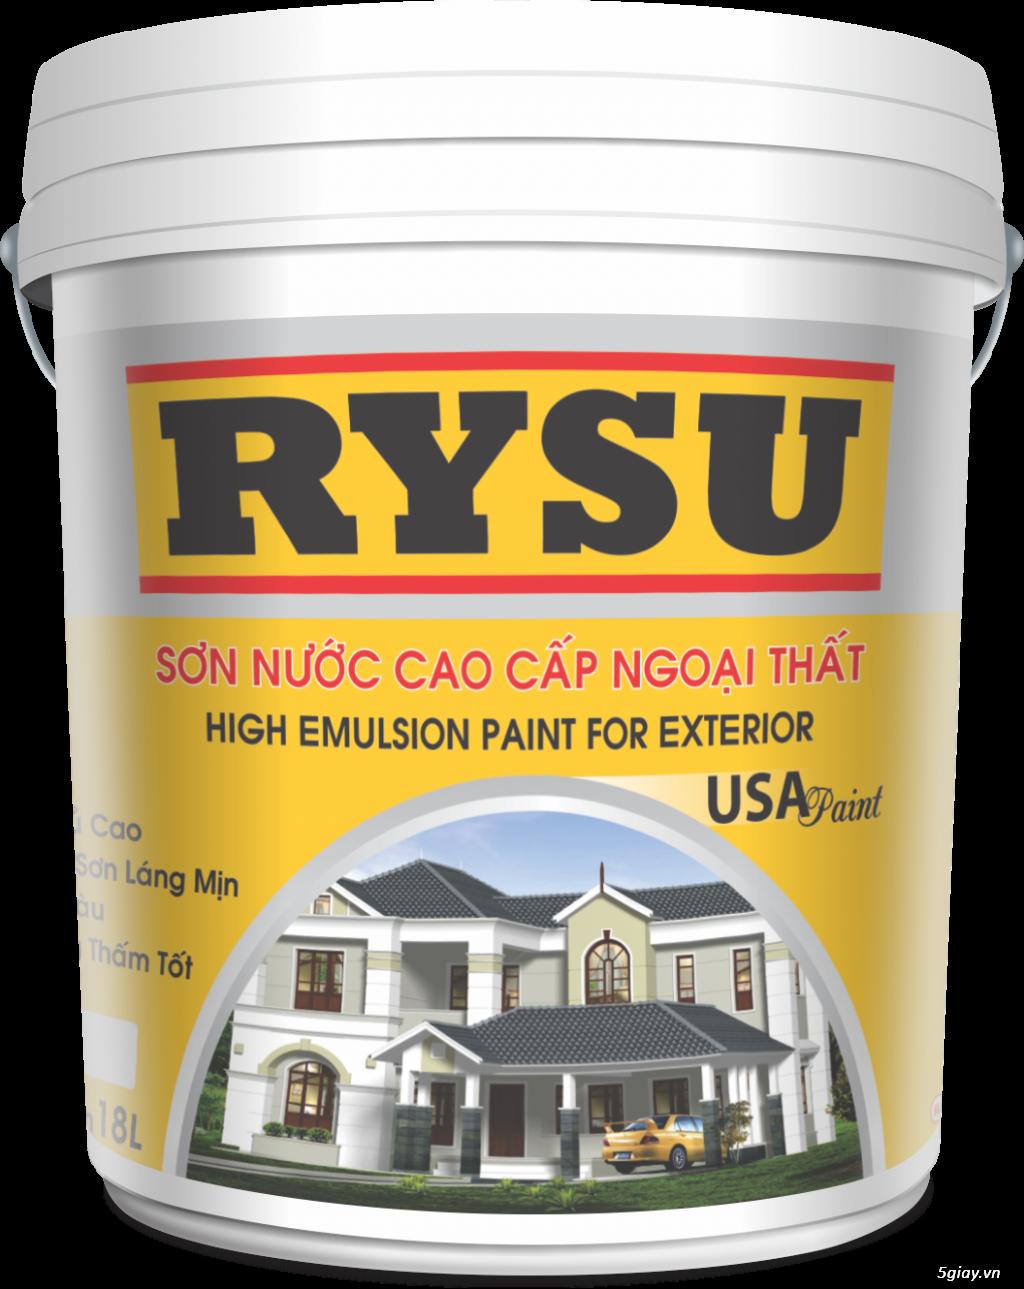 sơn RYSU có tốt không, chiết khấu hấp dẫn cuối năm - 12